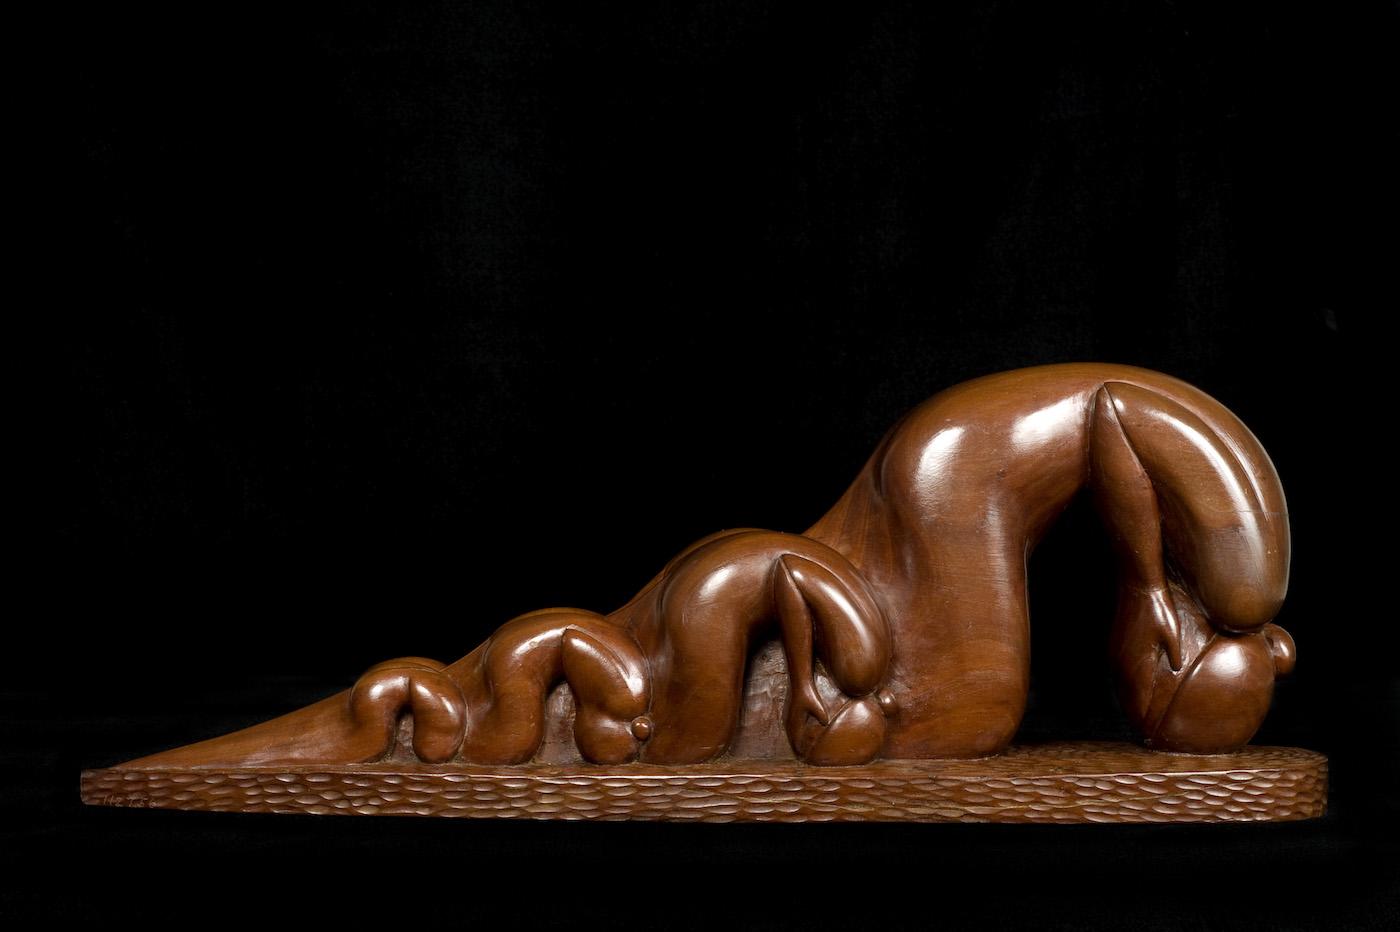 """Willard Stone, """"War Widows"""" (nd), wild cherry wood, 7 1/2 x 20 1/2 x 4 1/2 inches"""